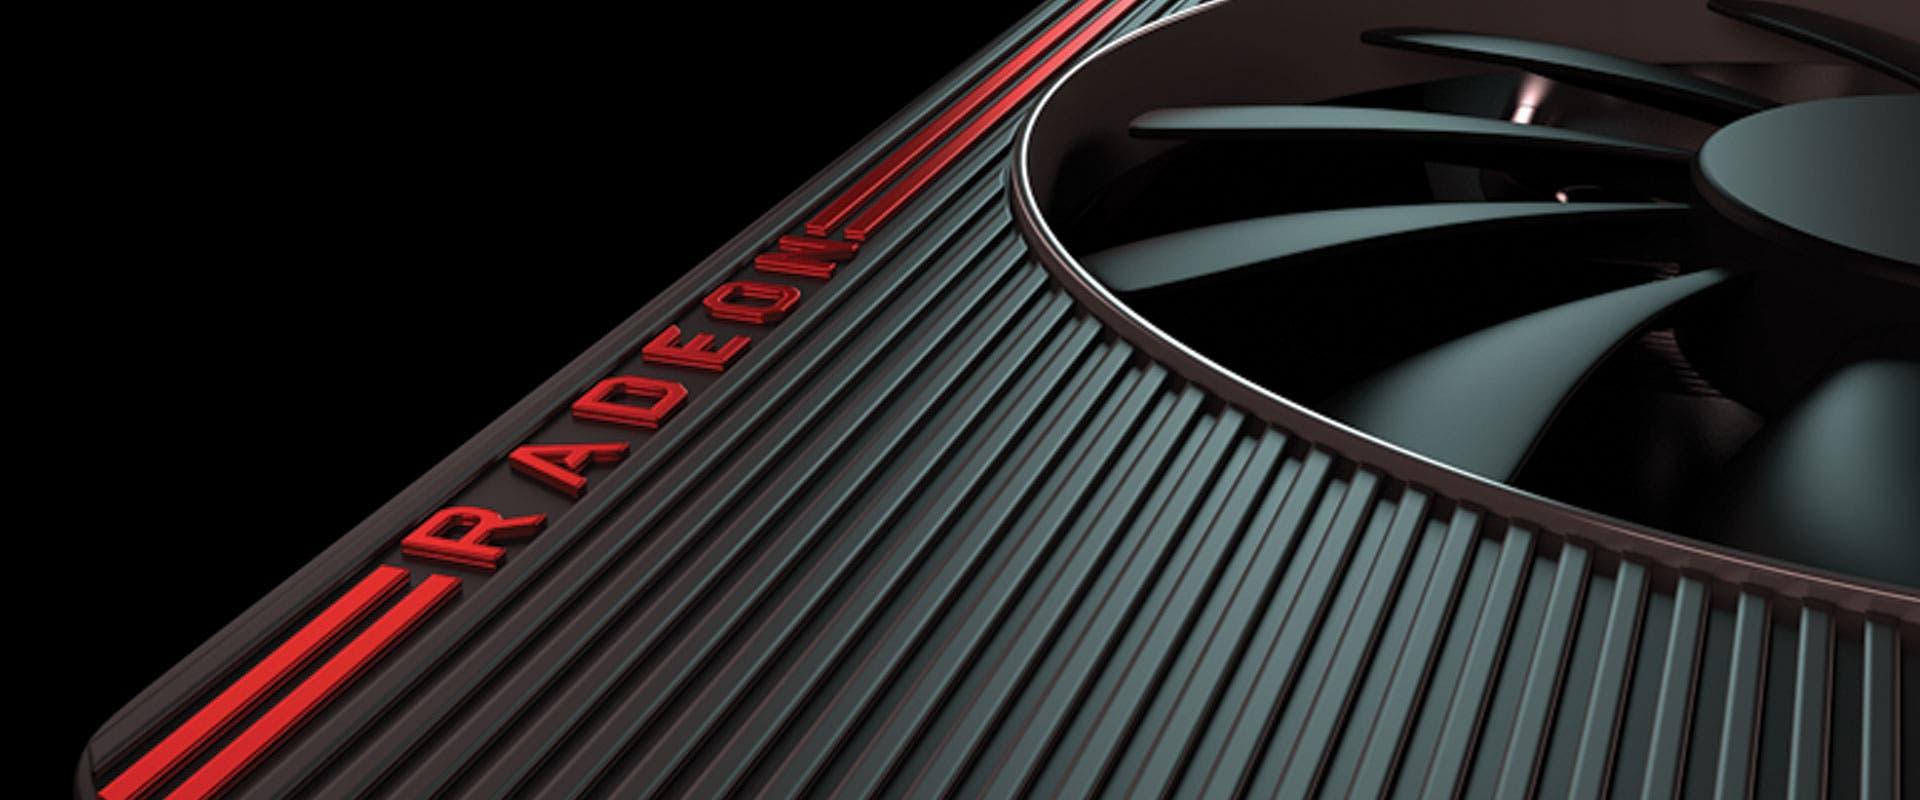 El rendimiento de la Radeon RX 5600XT saca los colores a su rival más directo 12